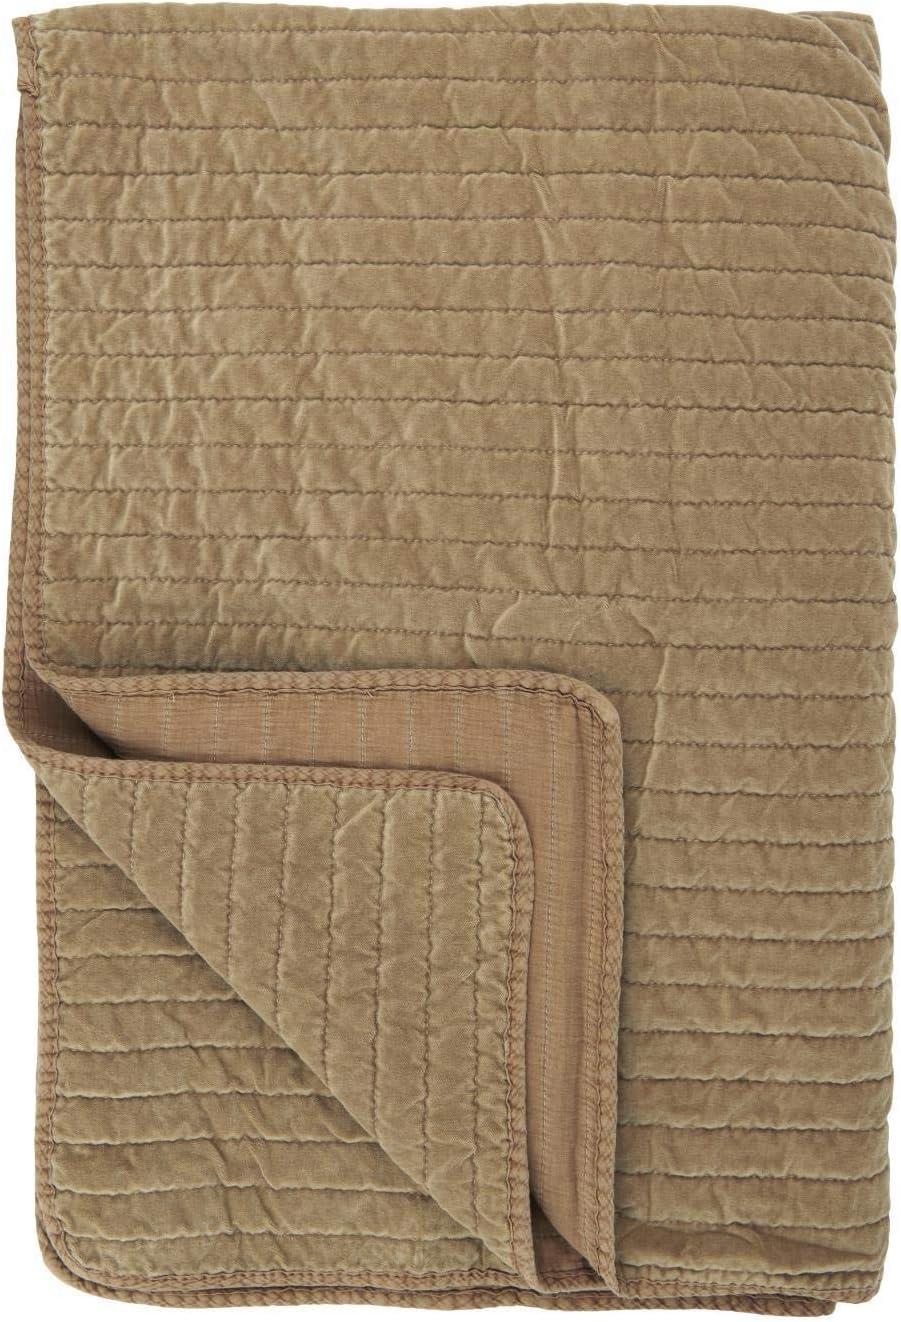 Tagesdecke 180 x 130 cm IB Laursen Quilt 100/% Baumwolle Decke Farbe: Wei/ß-Grau gestreift Kuscheldecke